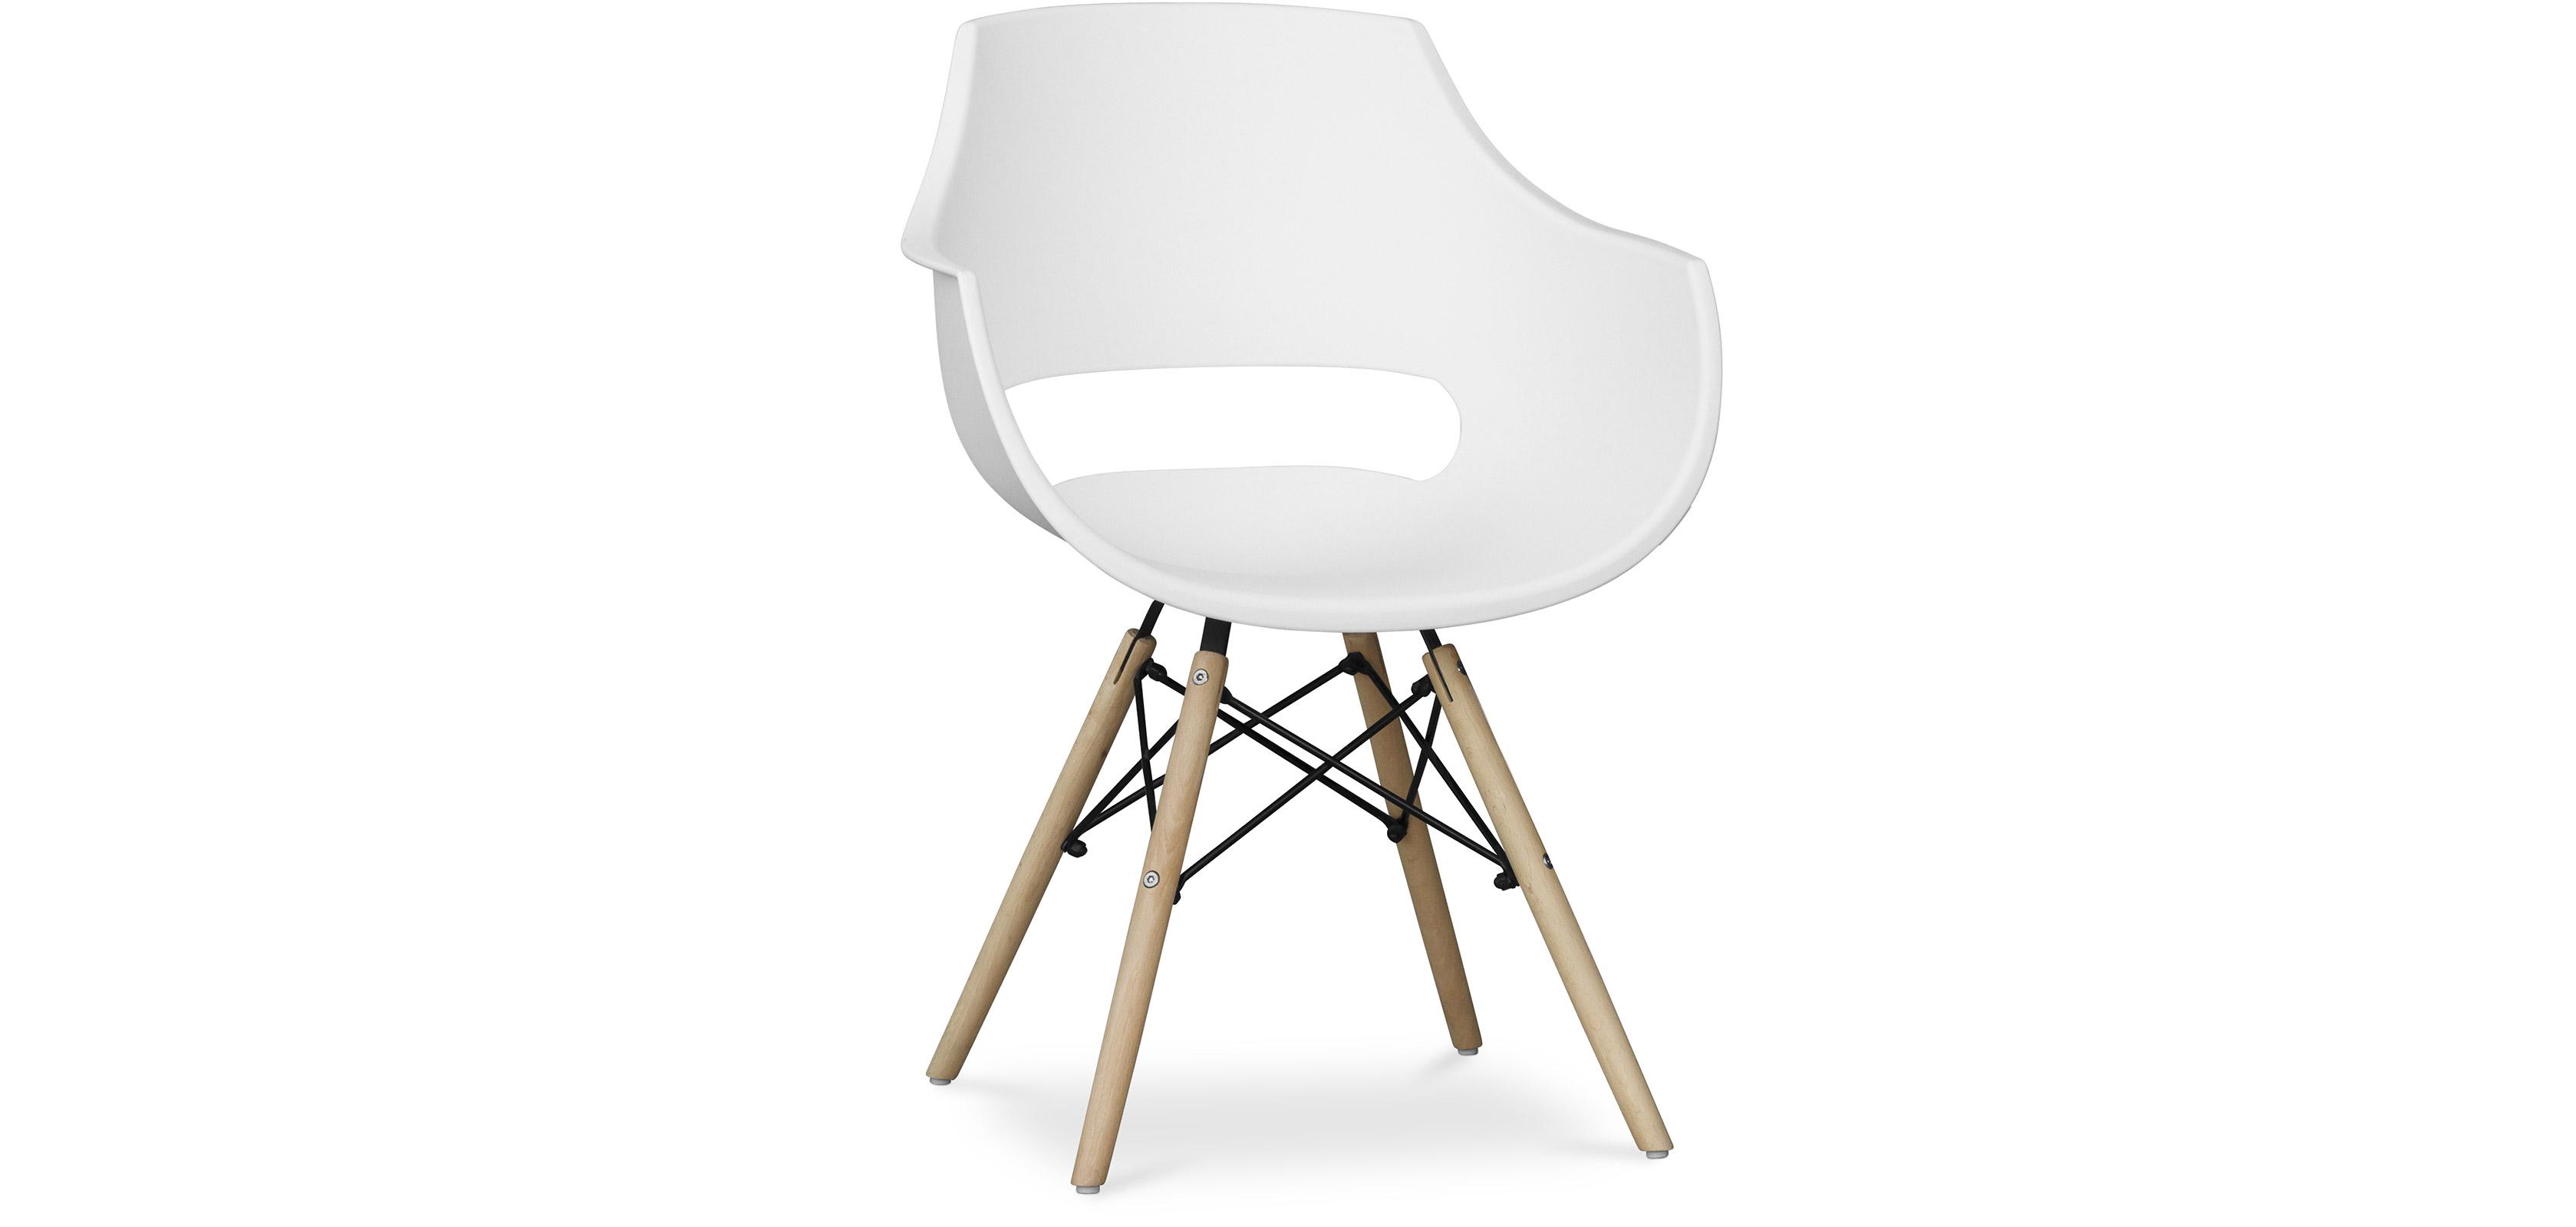 charles eames stuhl style. Black Bedroom Furniture Sets. Home Design Ideas